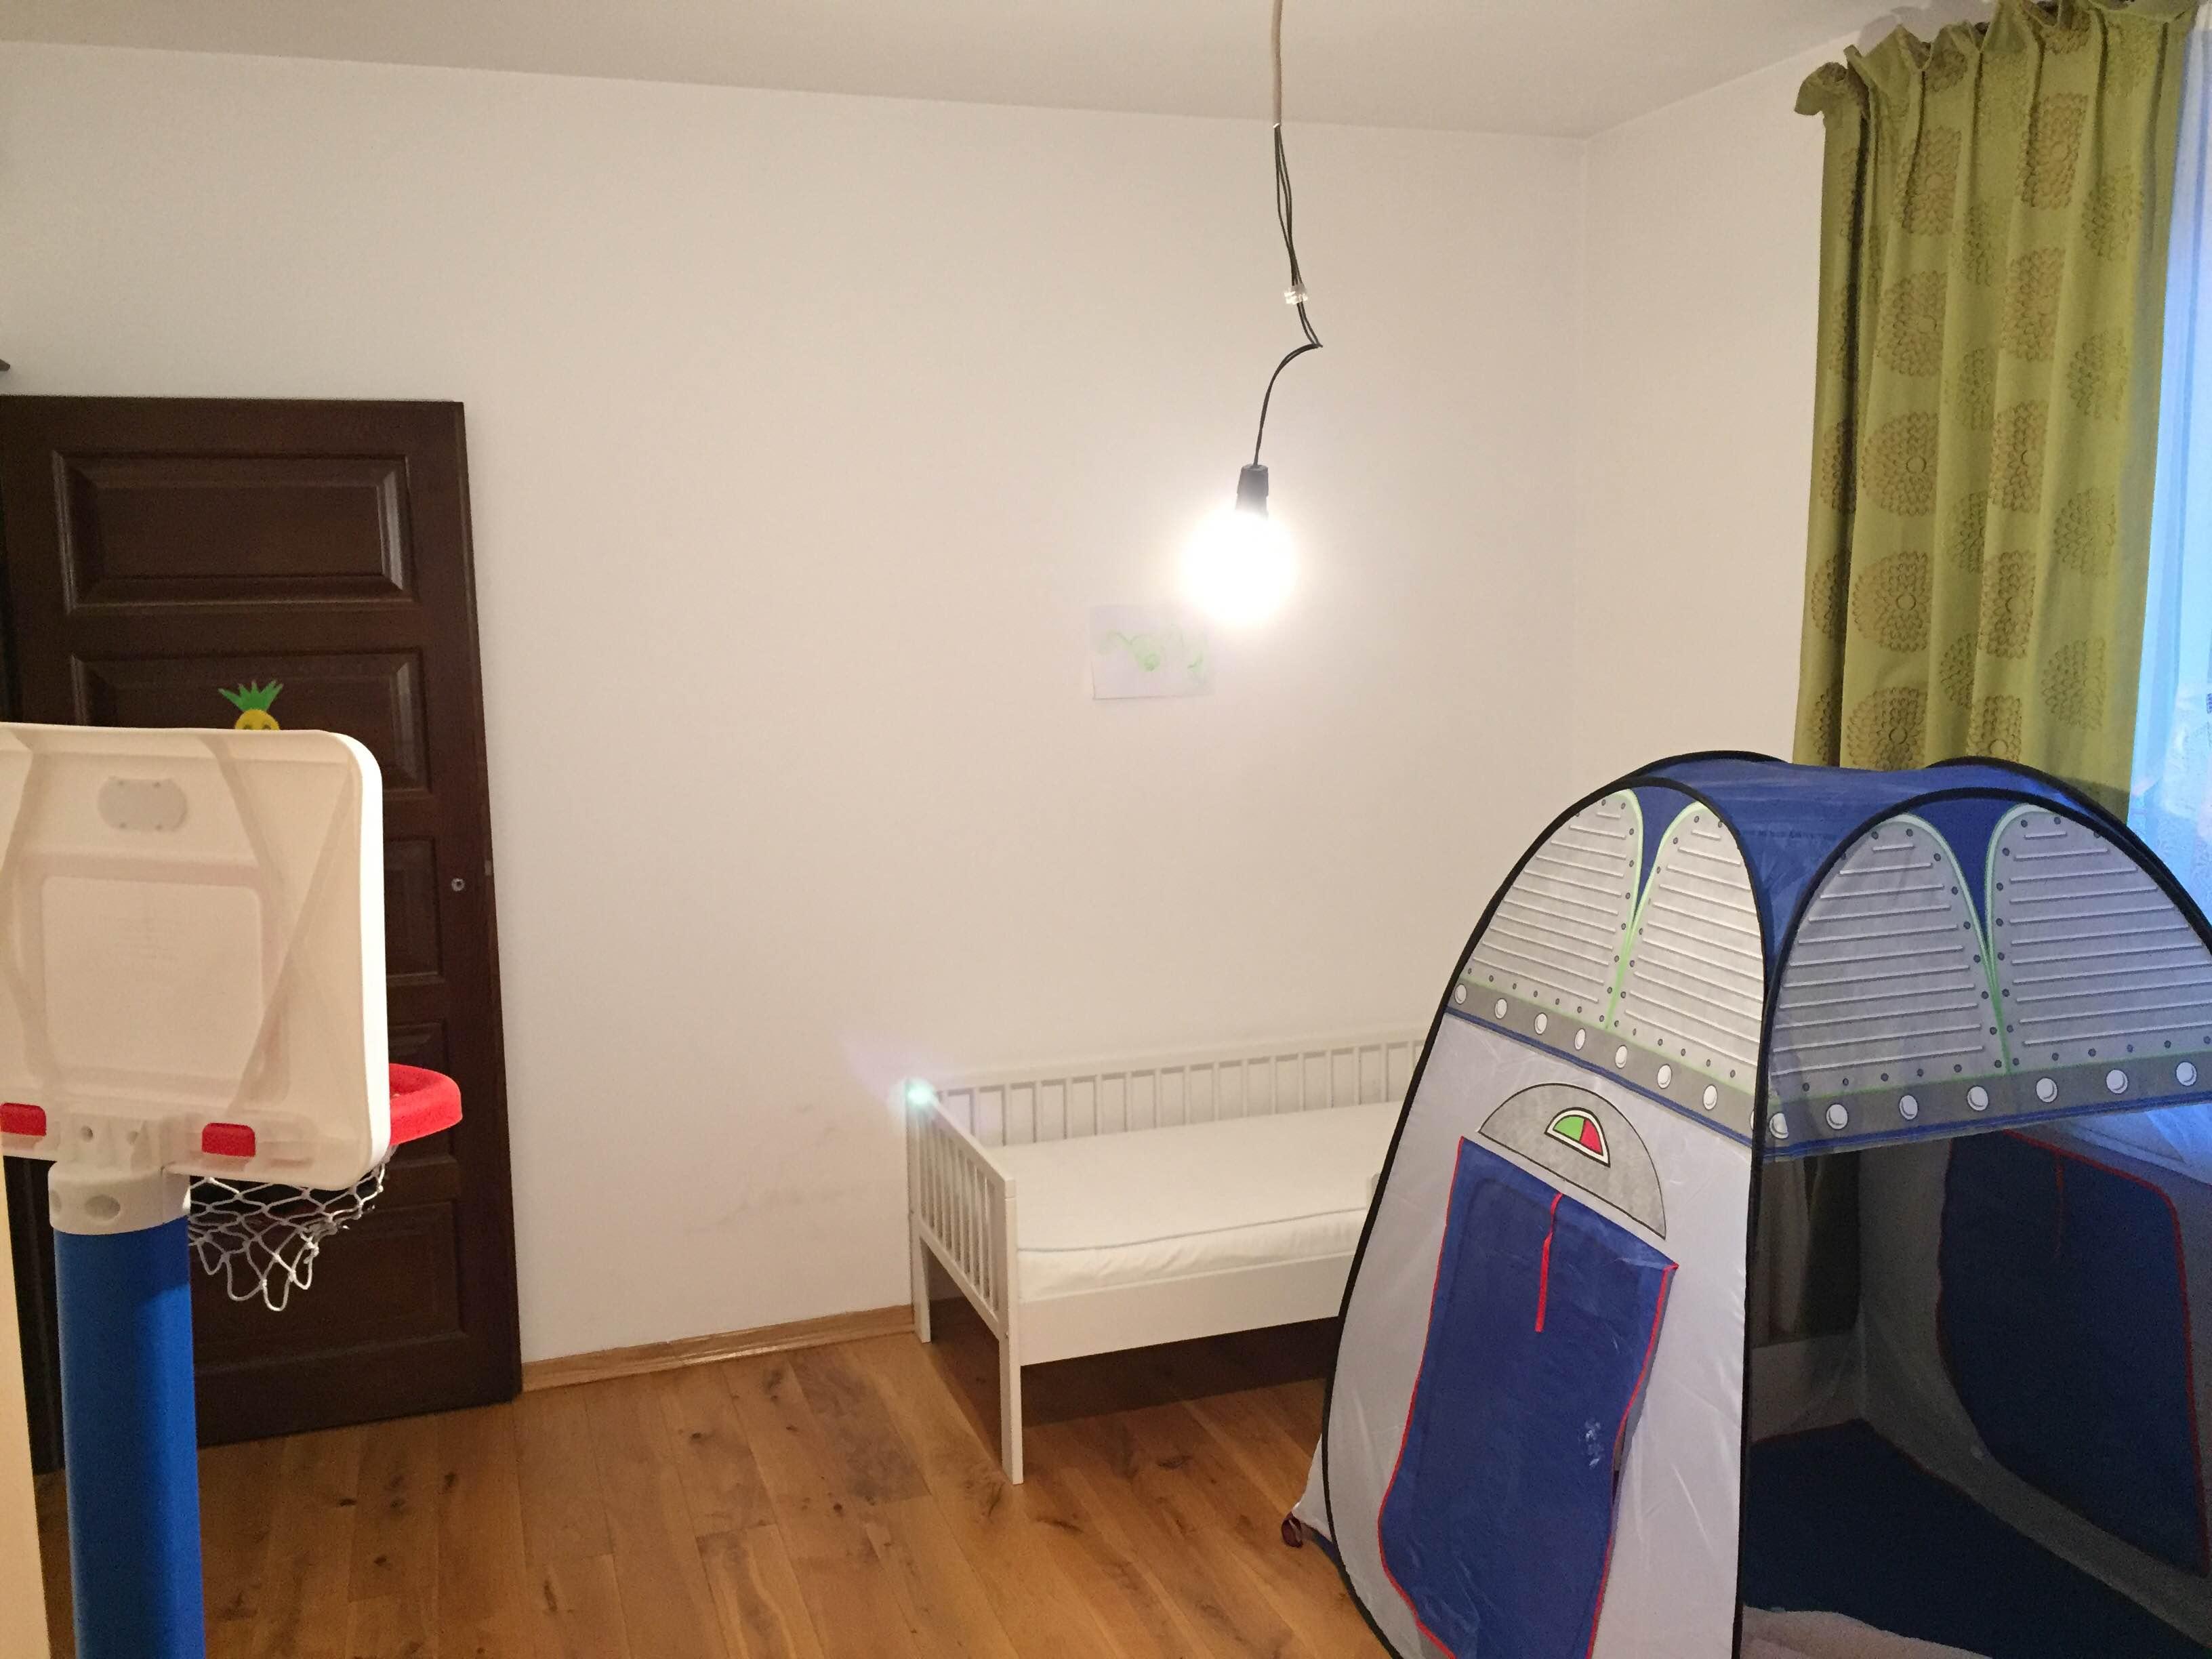 Pokoj 4 letniego Antka